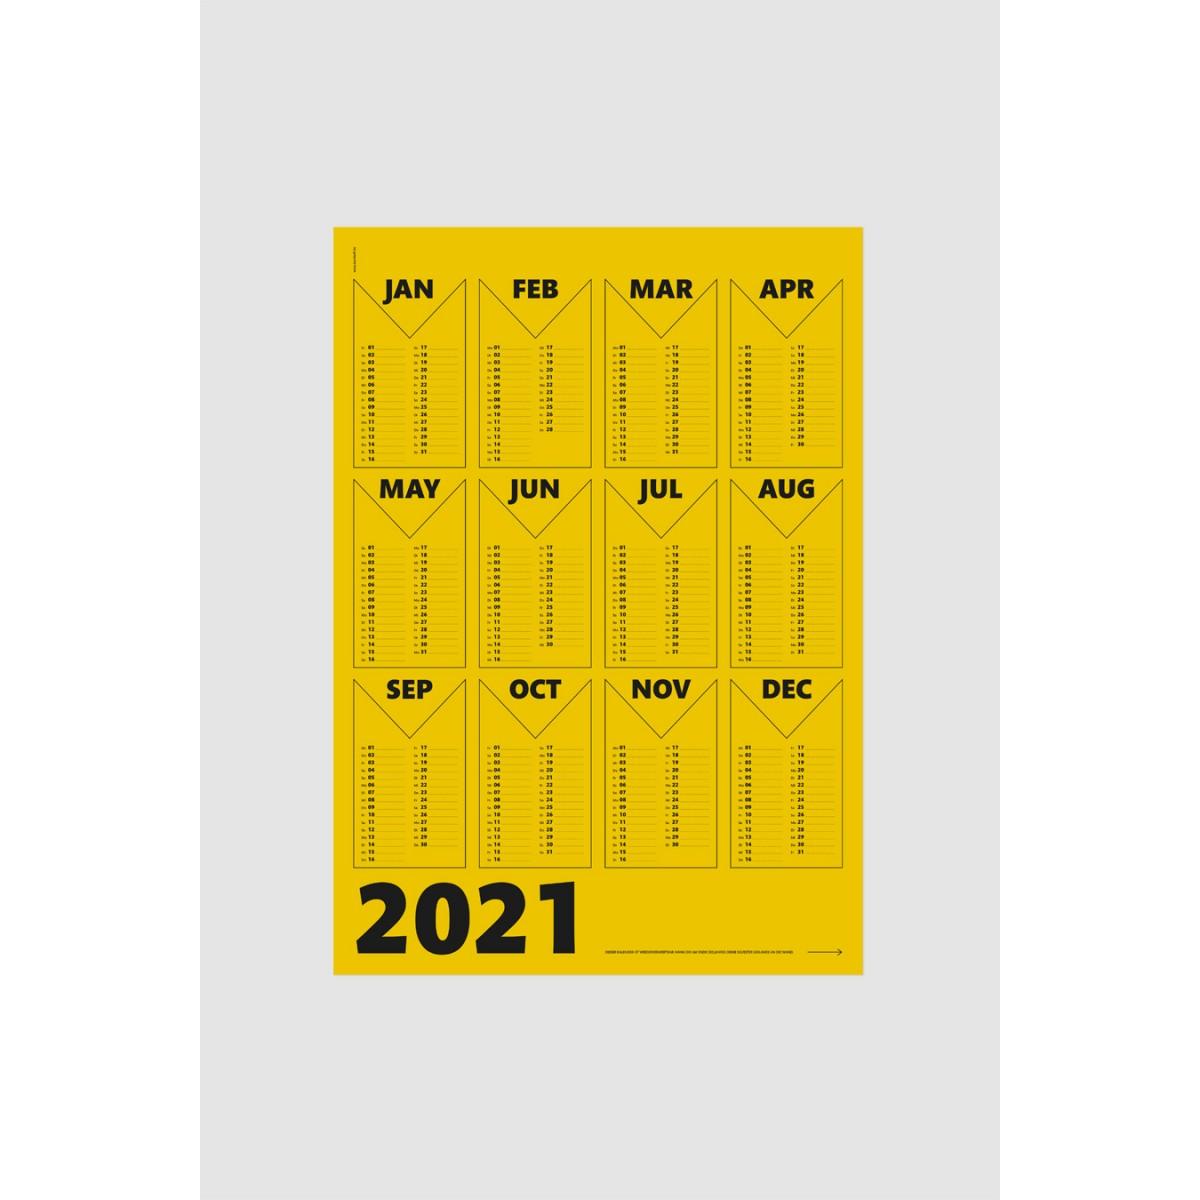 Isenhoff - Vorfreude Kalender 2021